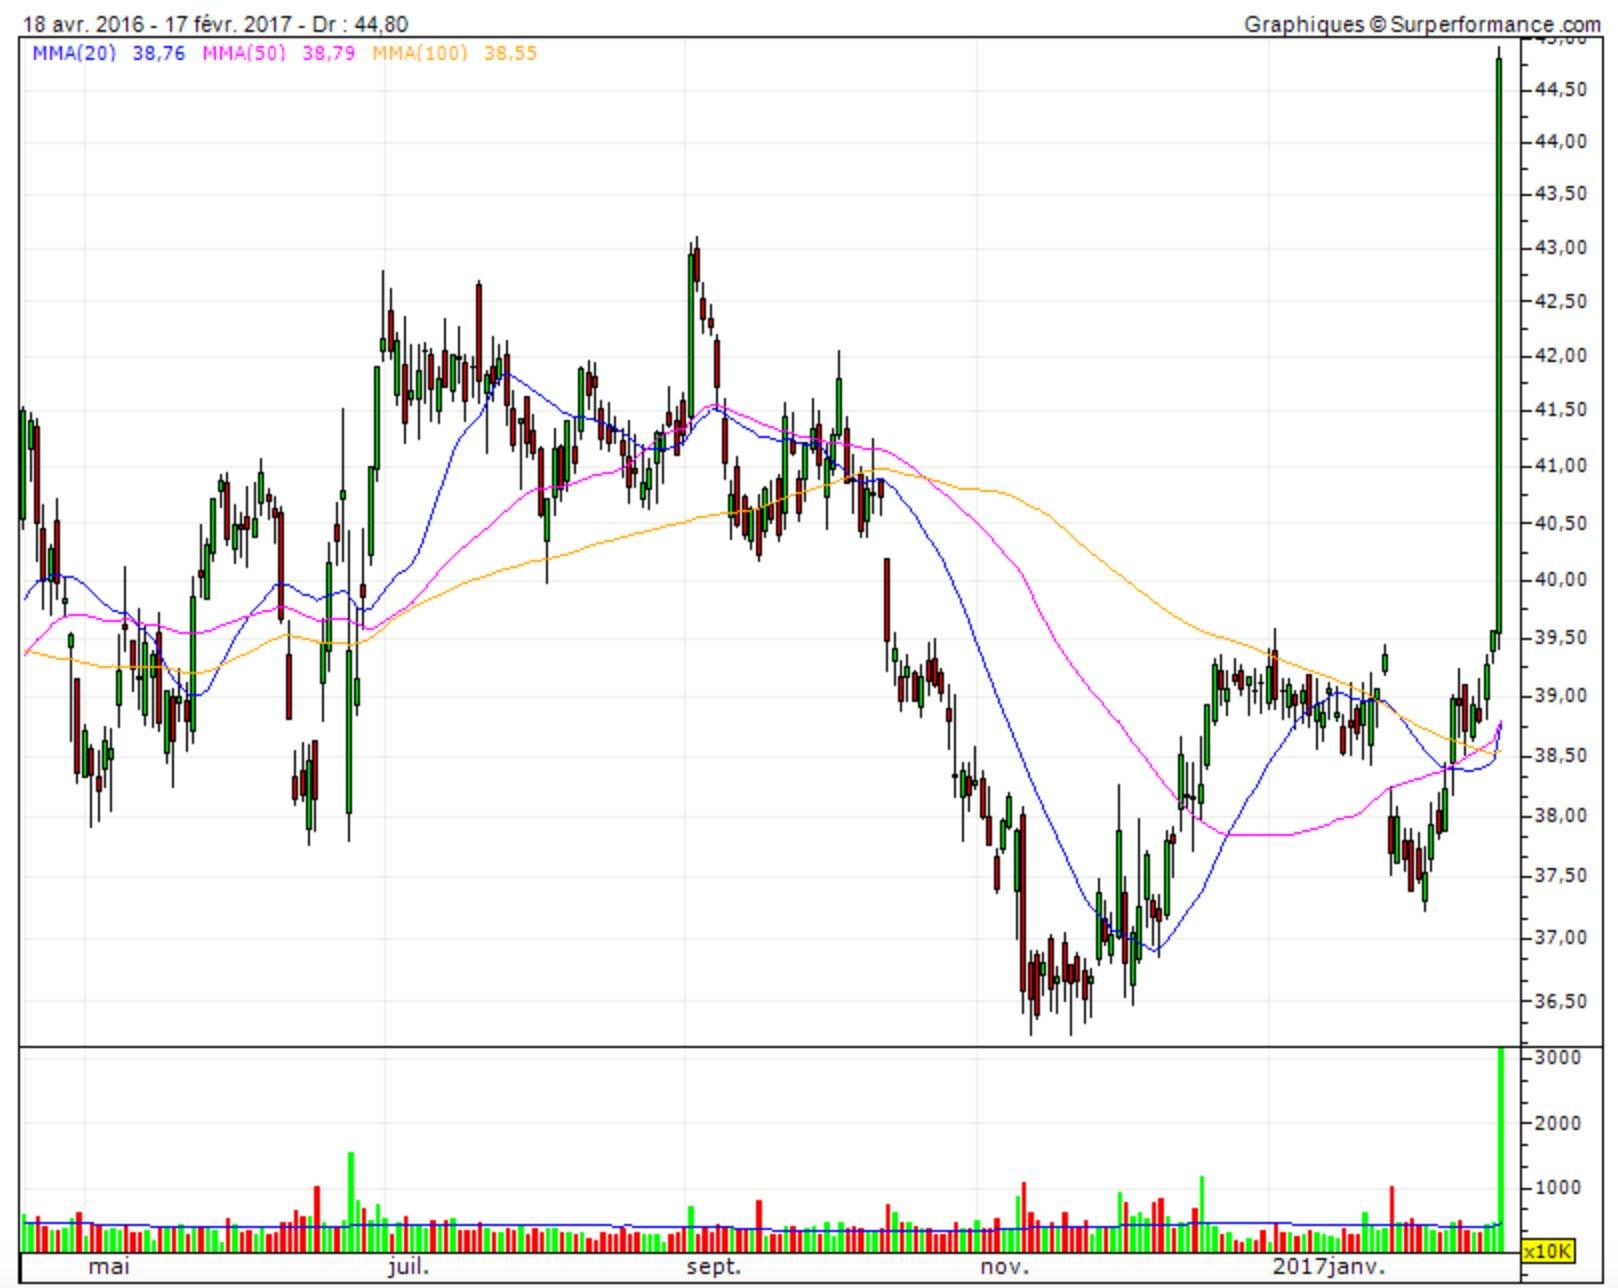 Unilever graphique boursier